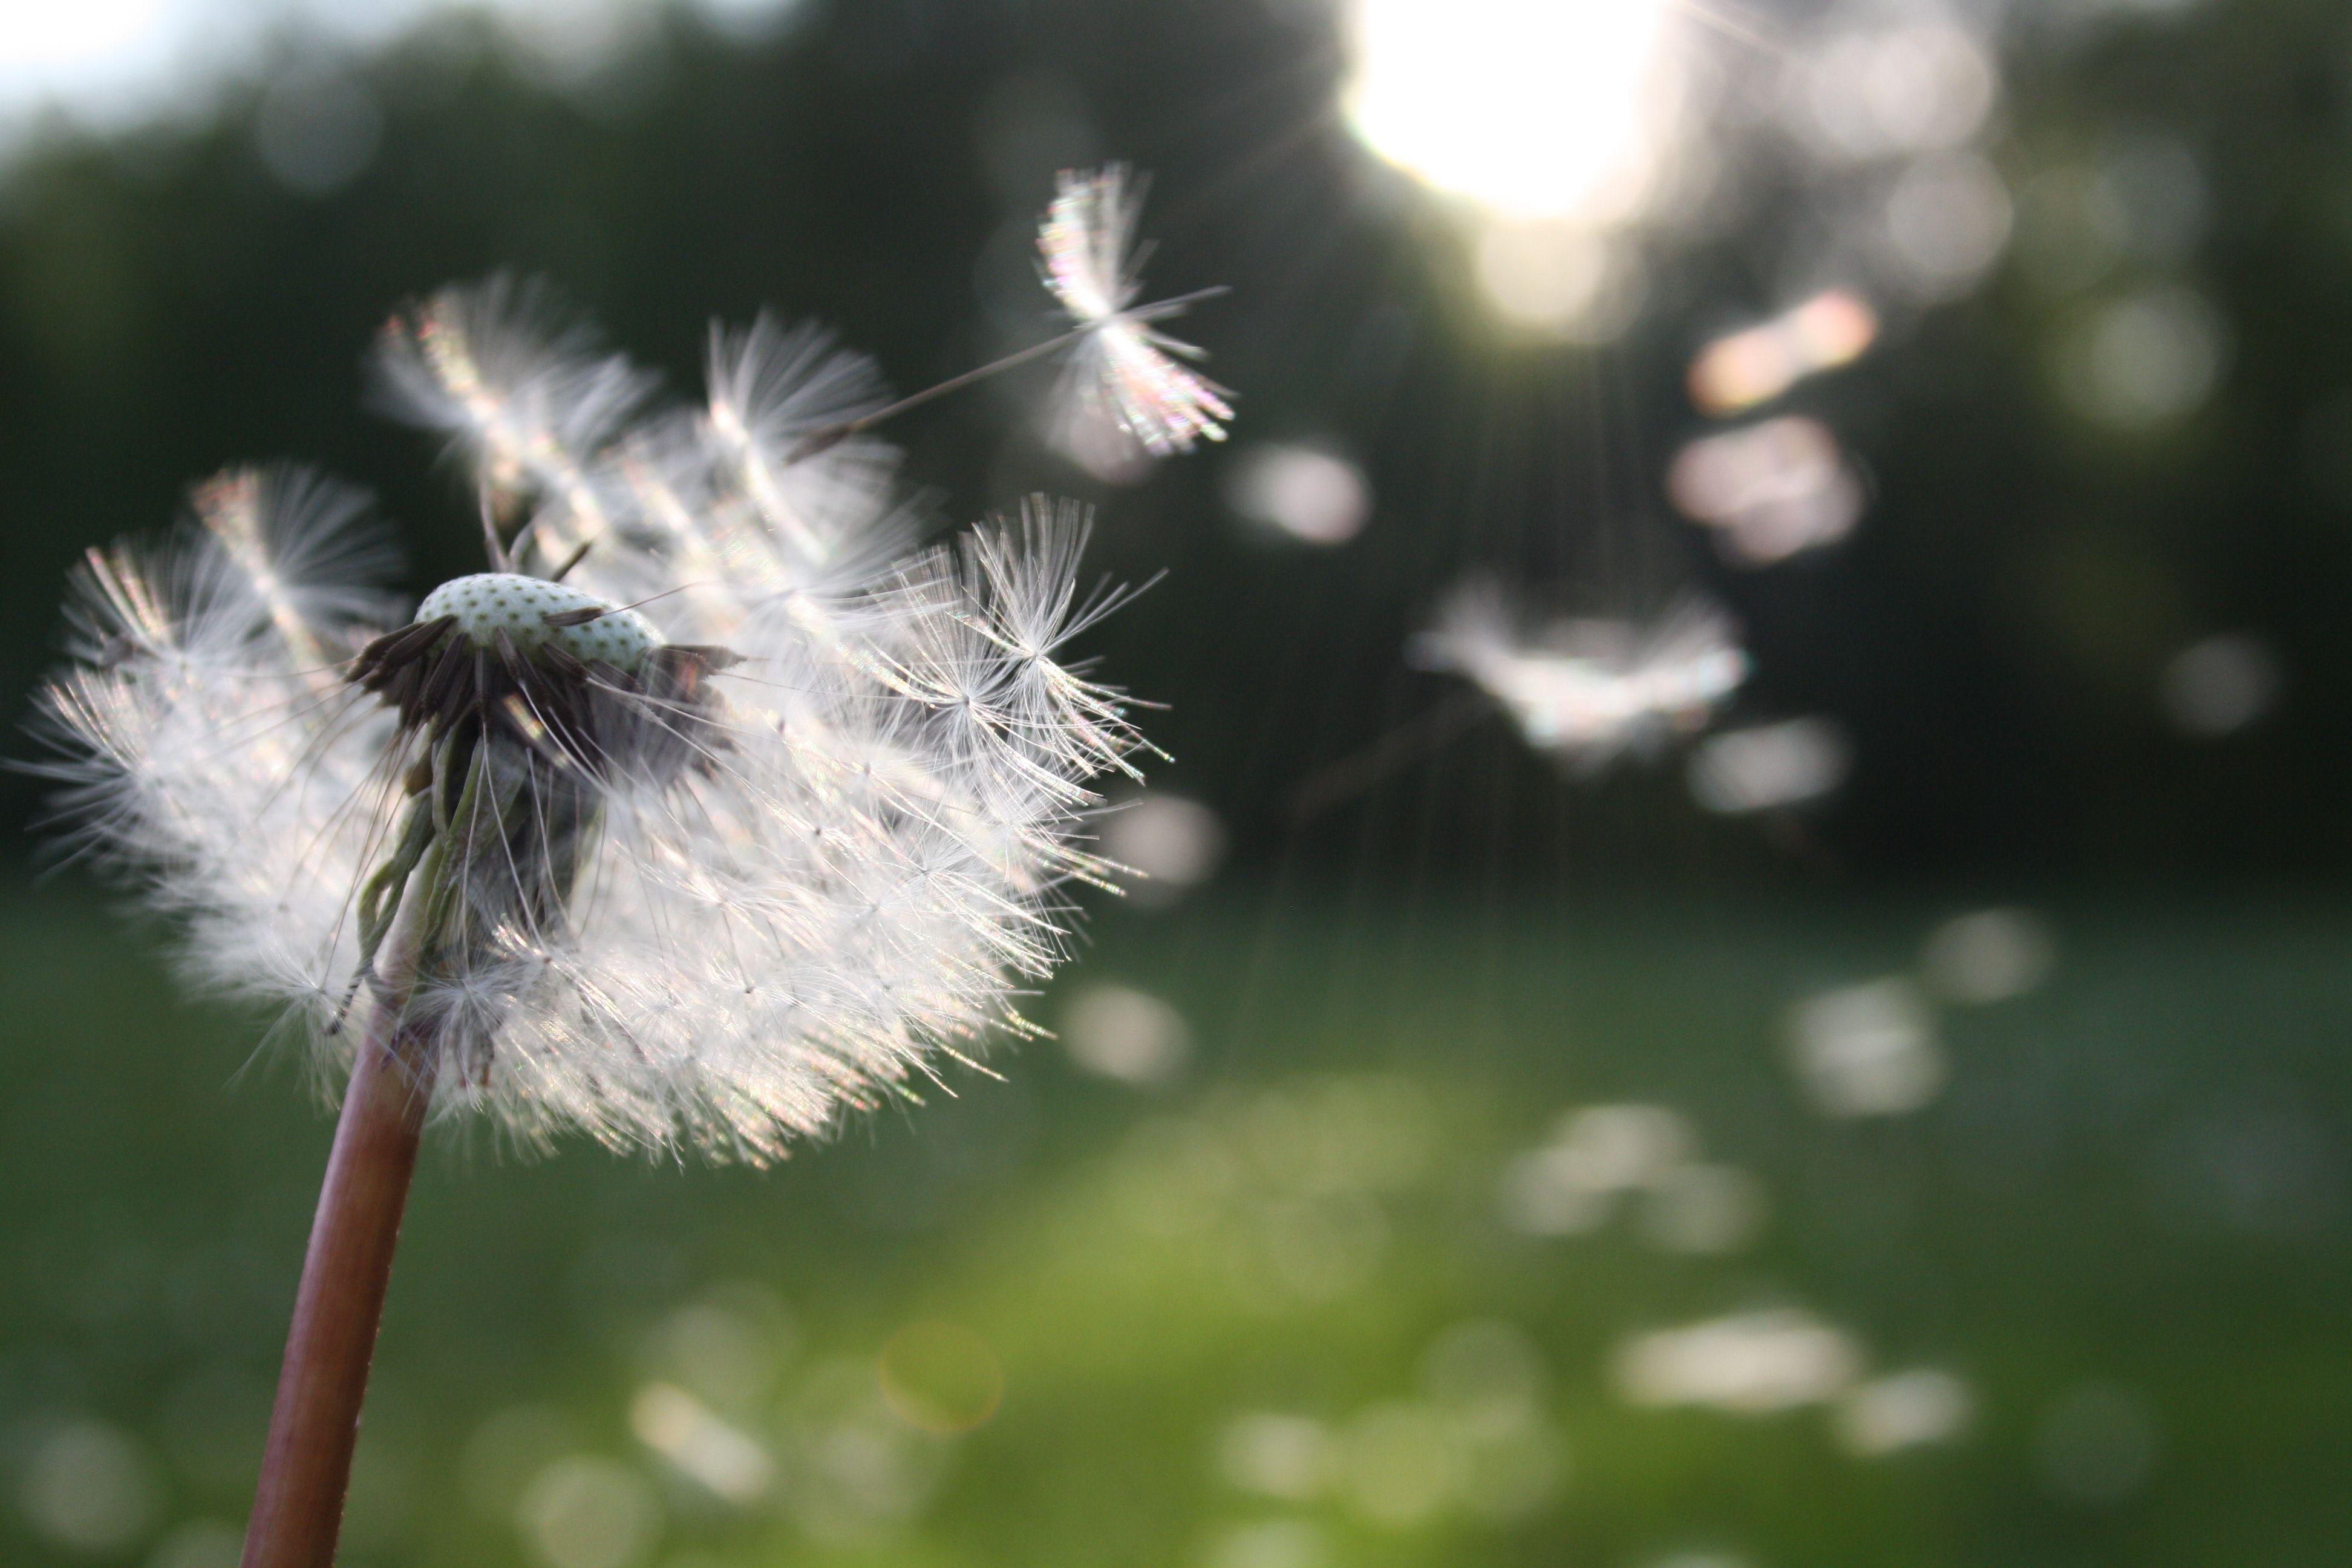 Dandelion in grass field